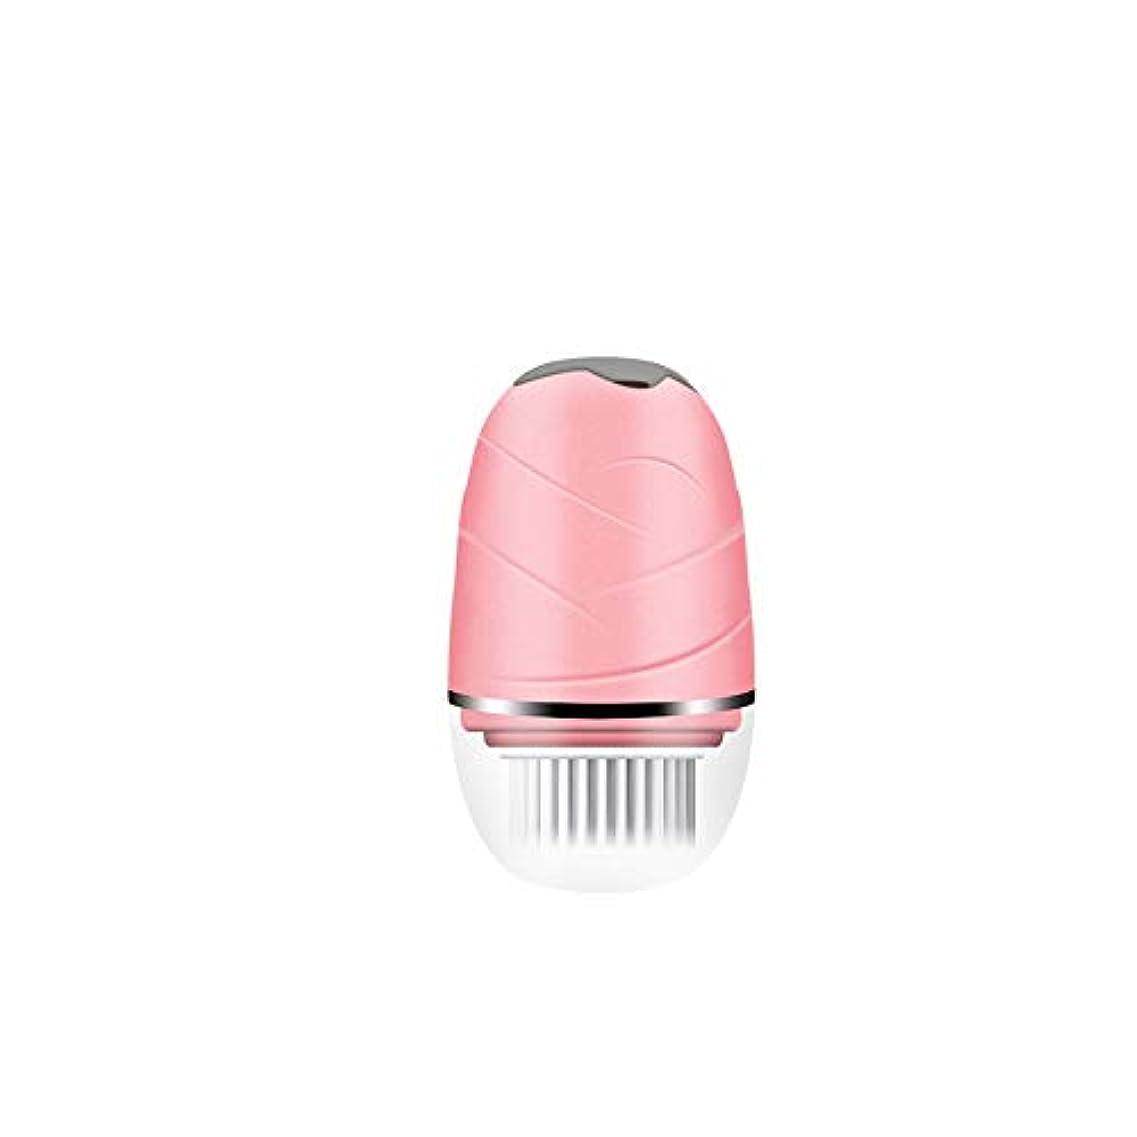 帽子閲覧するセージ洗顔ブラシ、3つのブラシヘッドを備えた防水フェイスブラシ、フェイスクリーニング、角質除去、マッサージのためのポータブル電動回転フェイススクラバー,ピンク